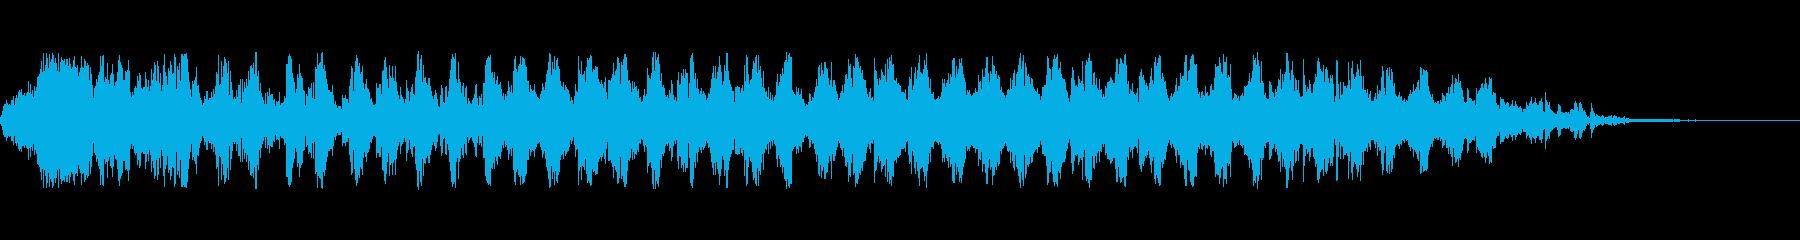 トリブル2でドラムを解散の再生済みの波形